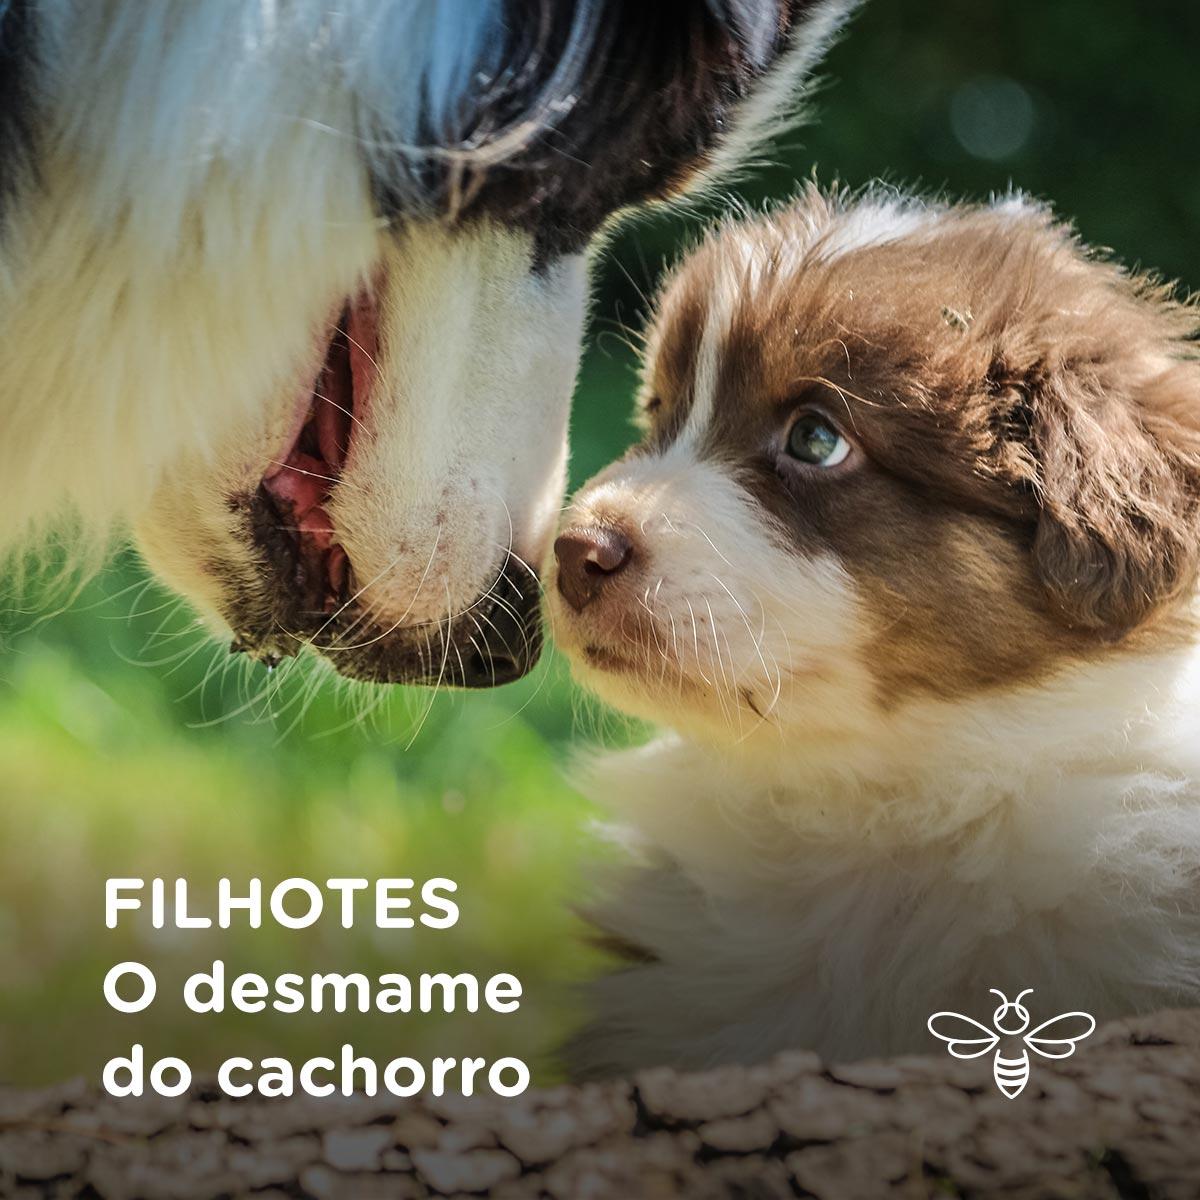 FILHOTES O desmame do cachorro